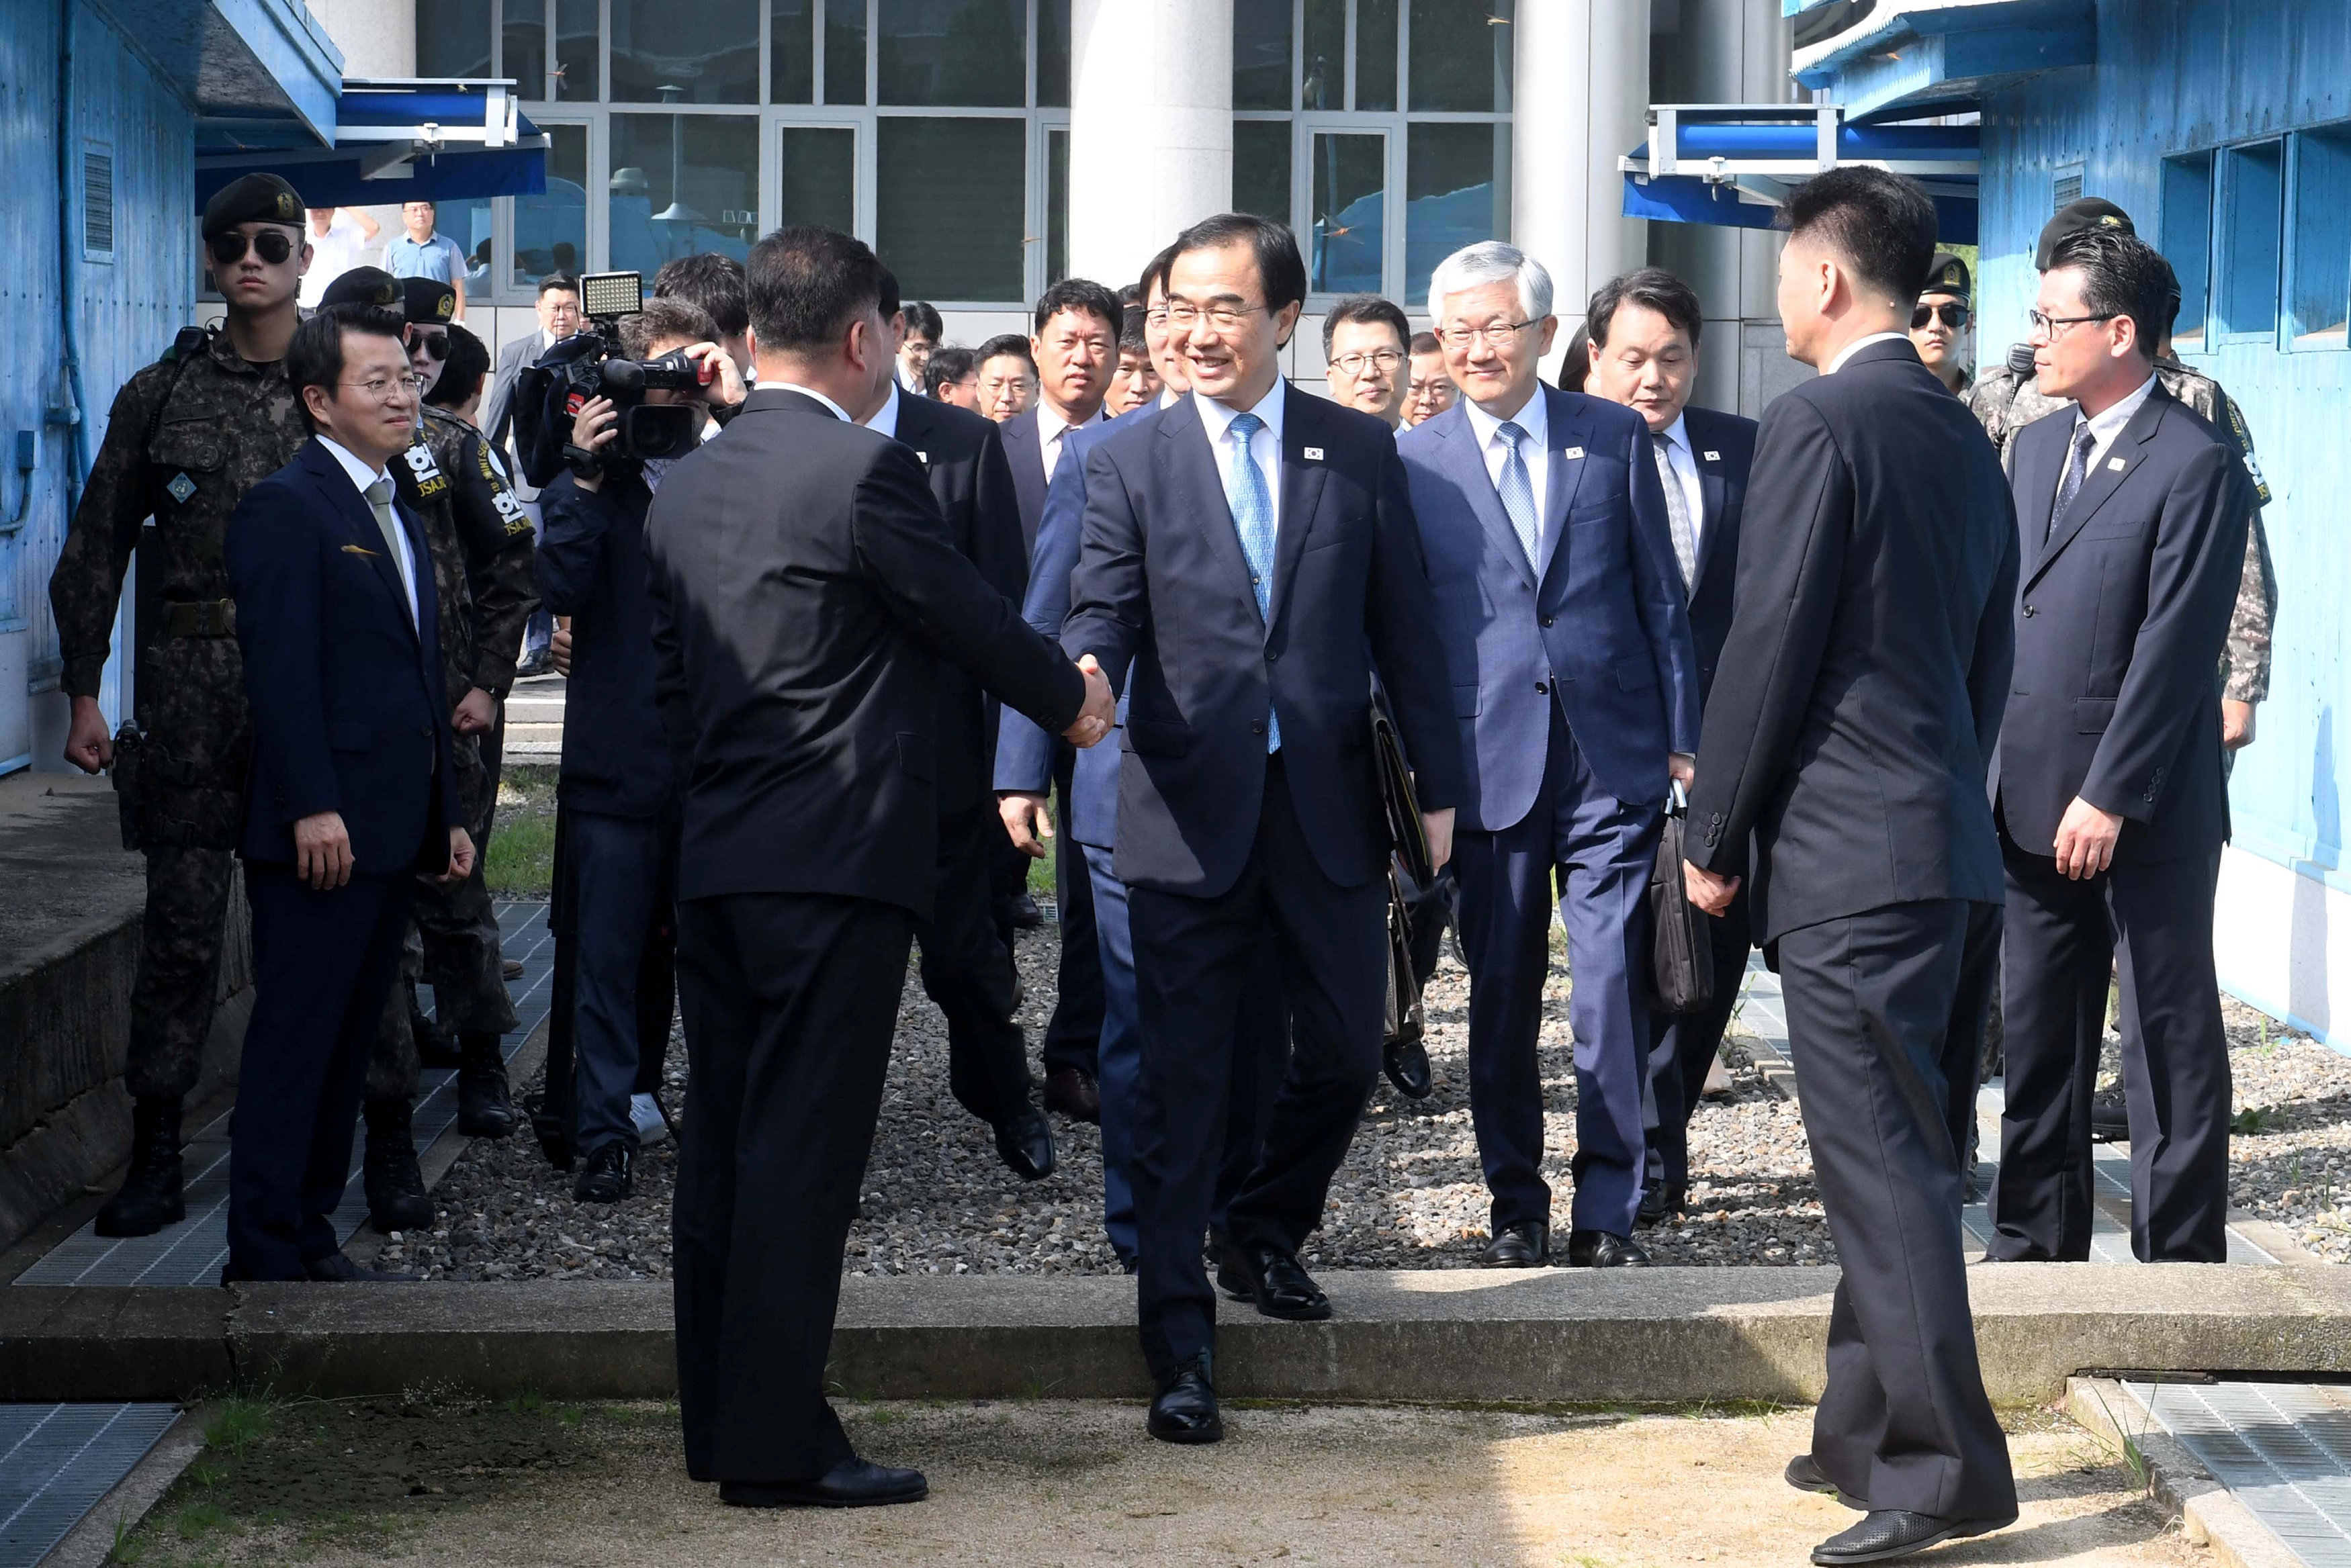 المباحثات بين الكوريتين